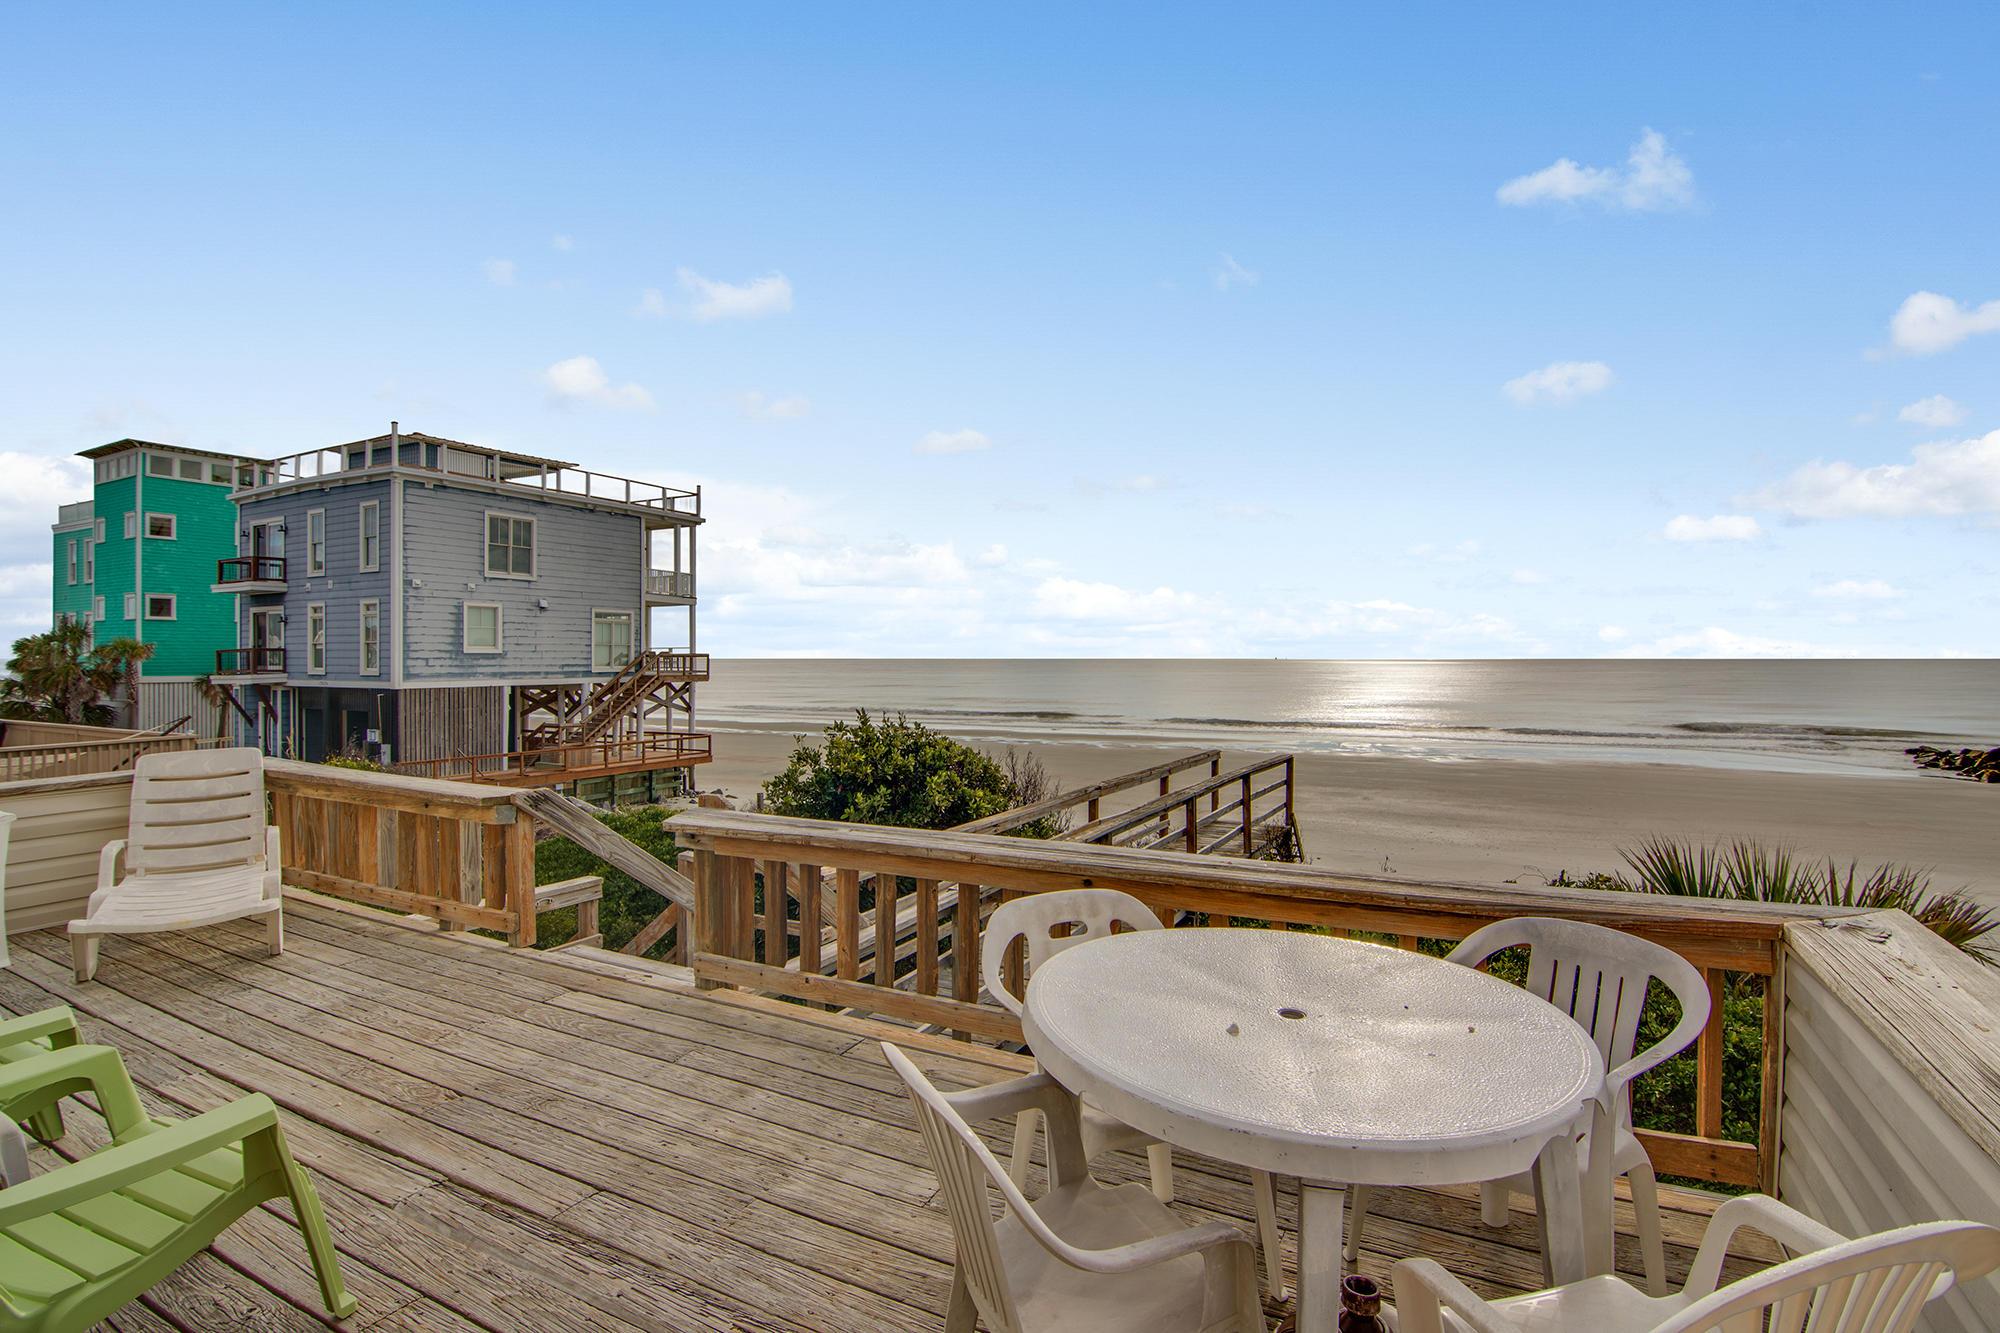 Folly Beach Homes For Sale - 1703 Ashley, Folly Beach, SC - 7